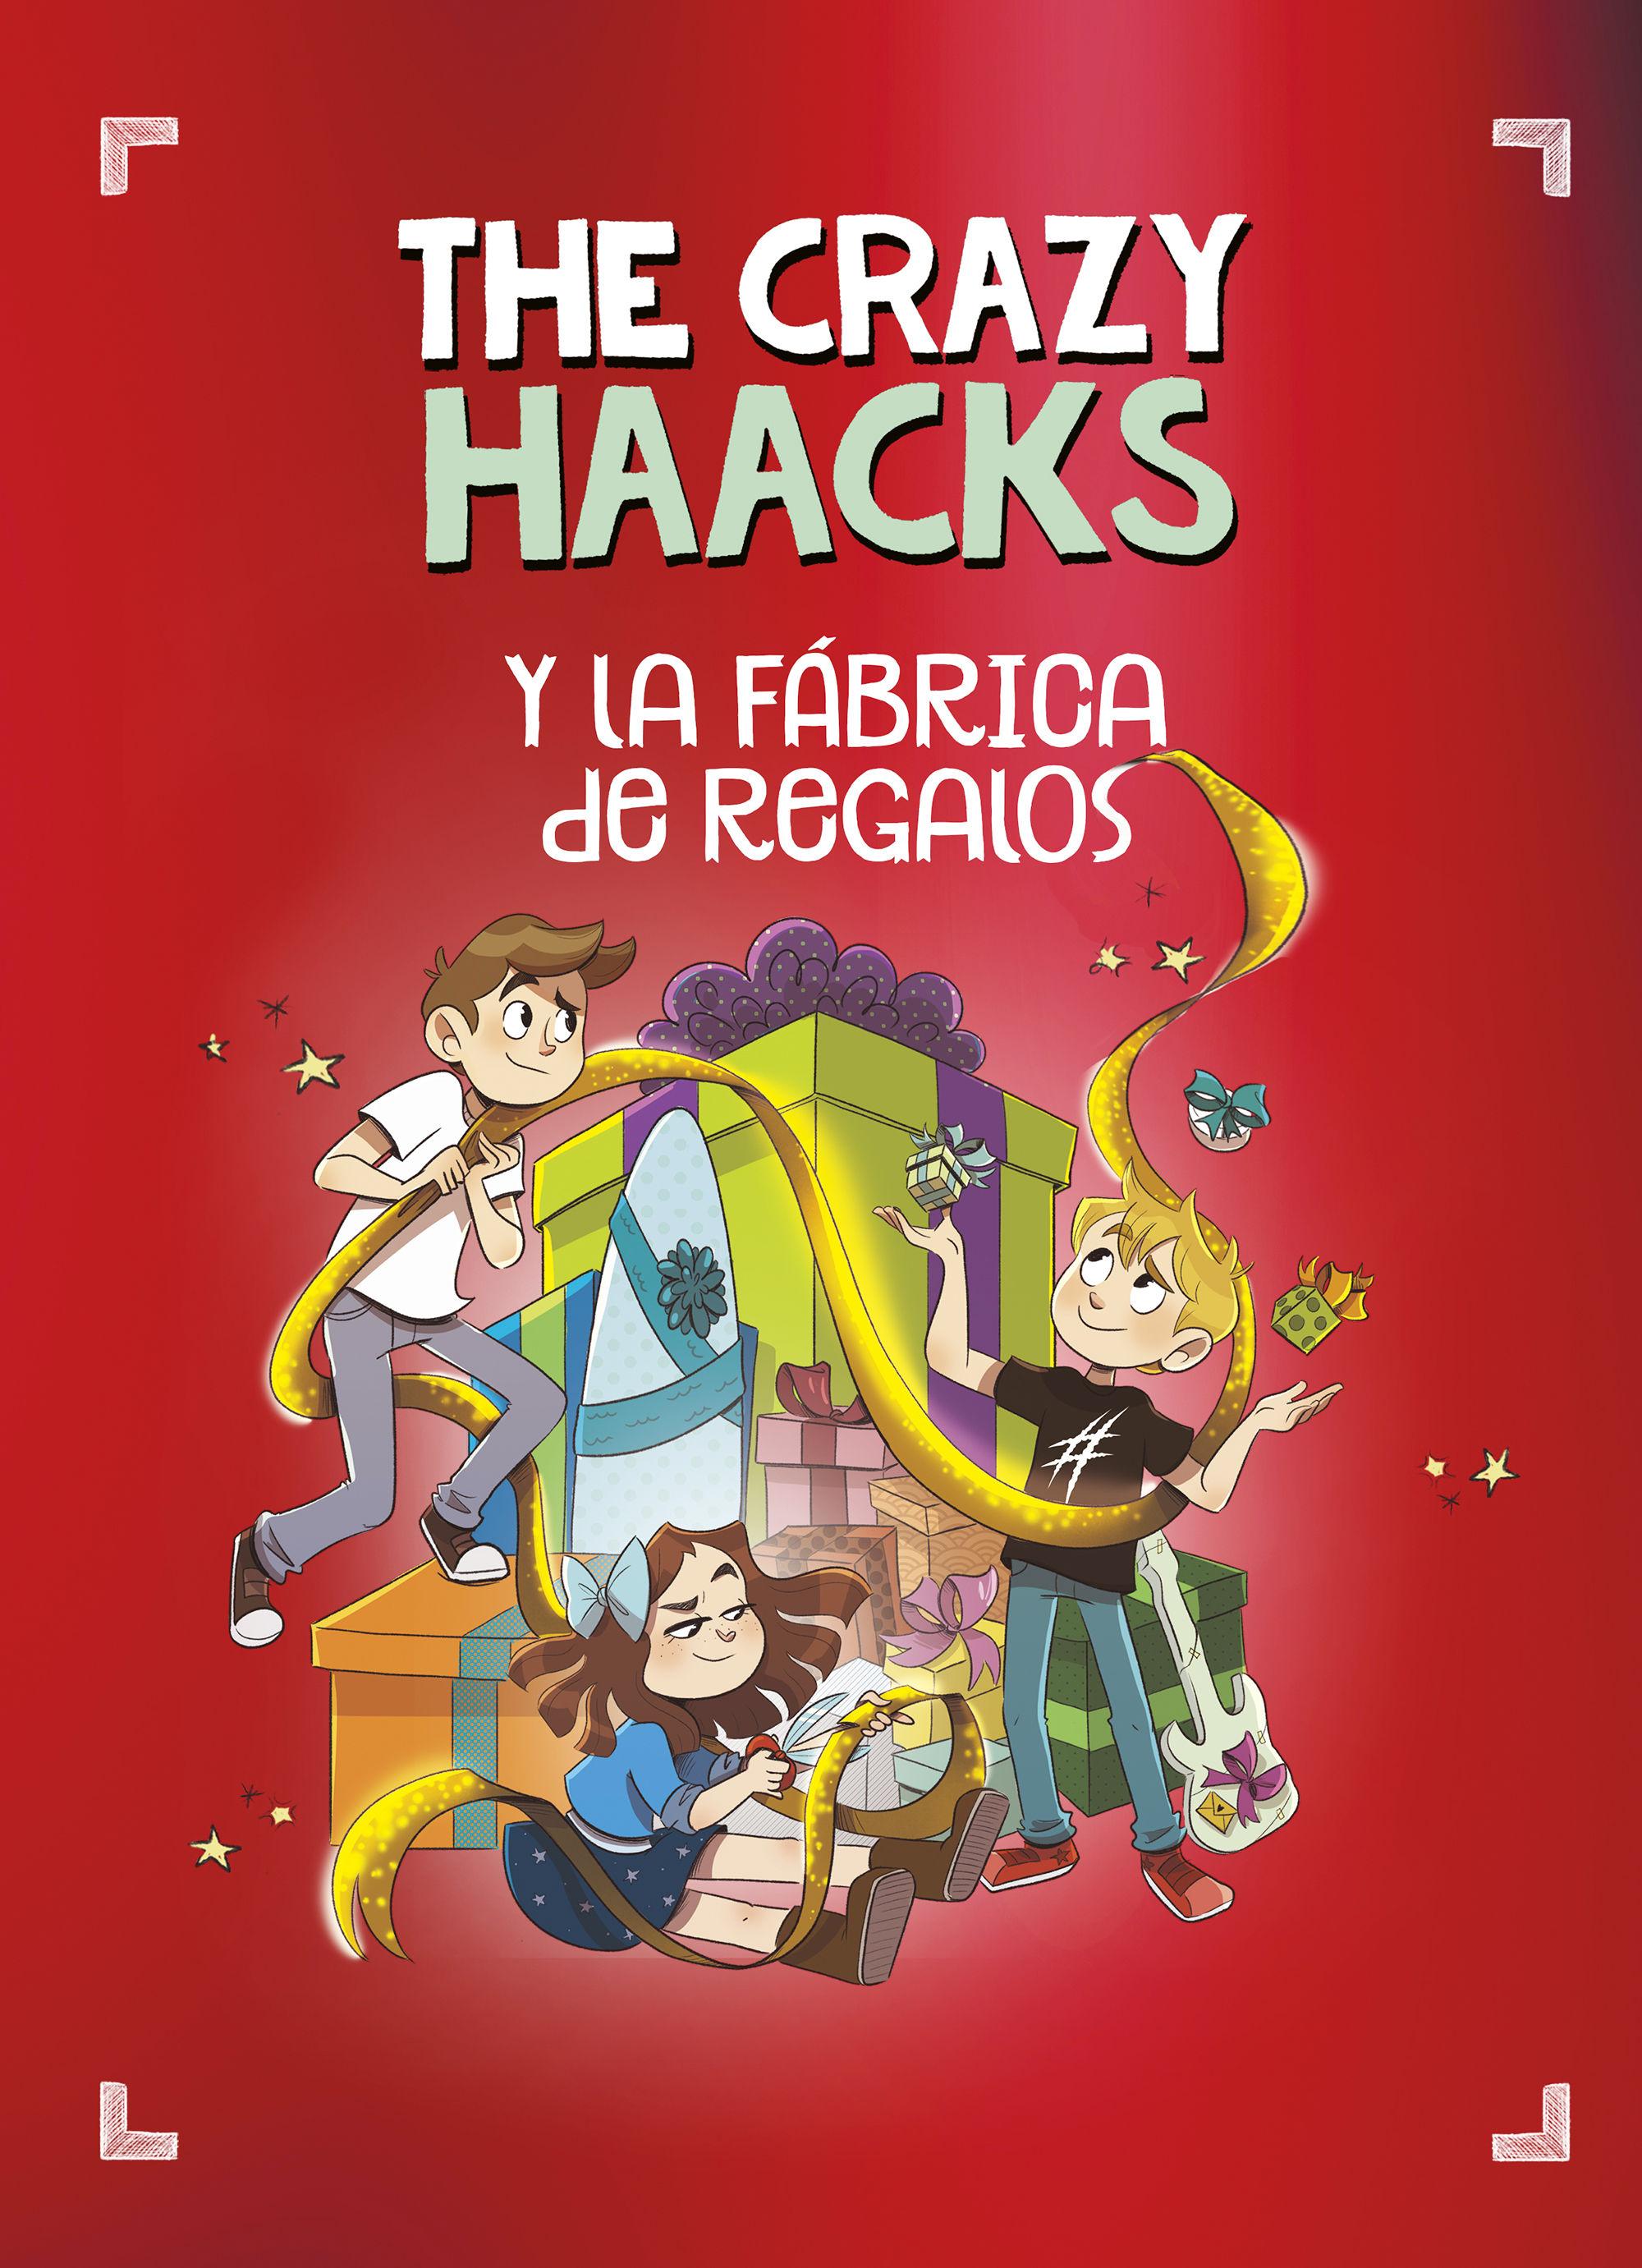 CRAZY HAACKS 9 Y LA FABRICA DE REGALOS THE